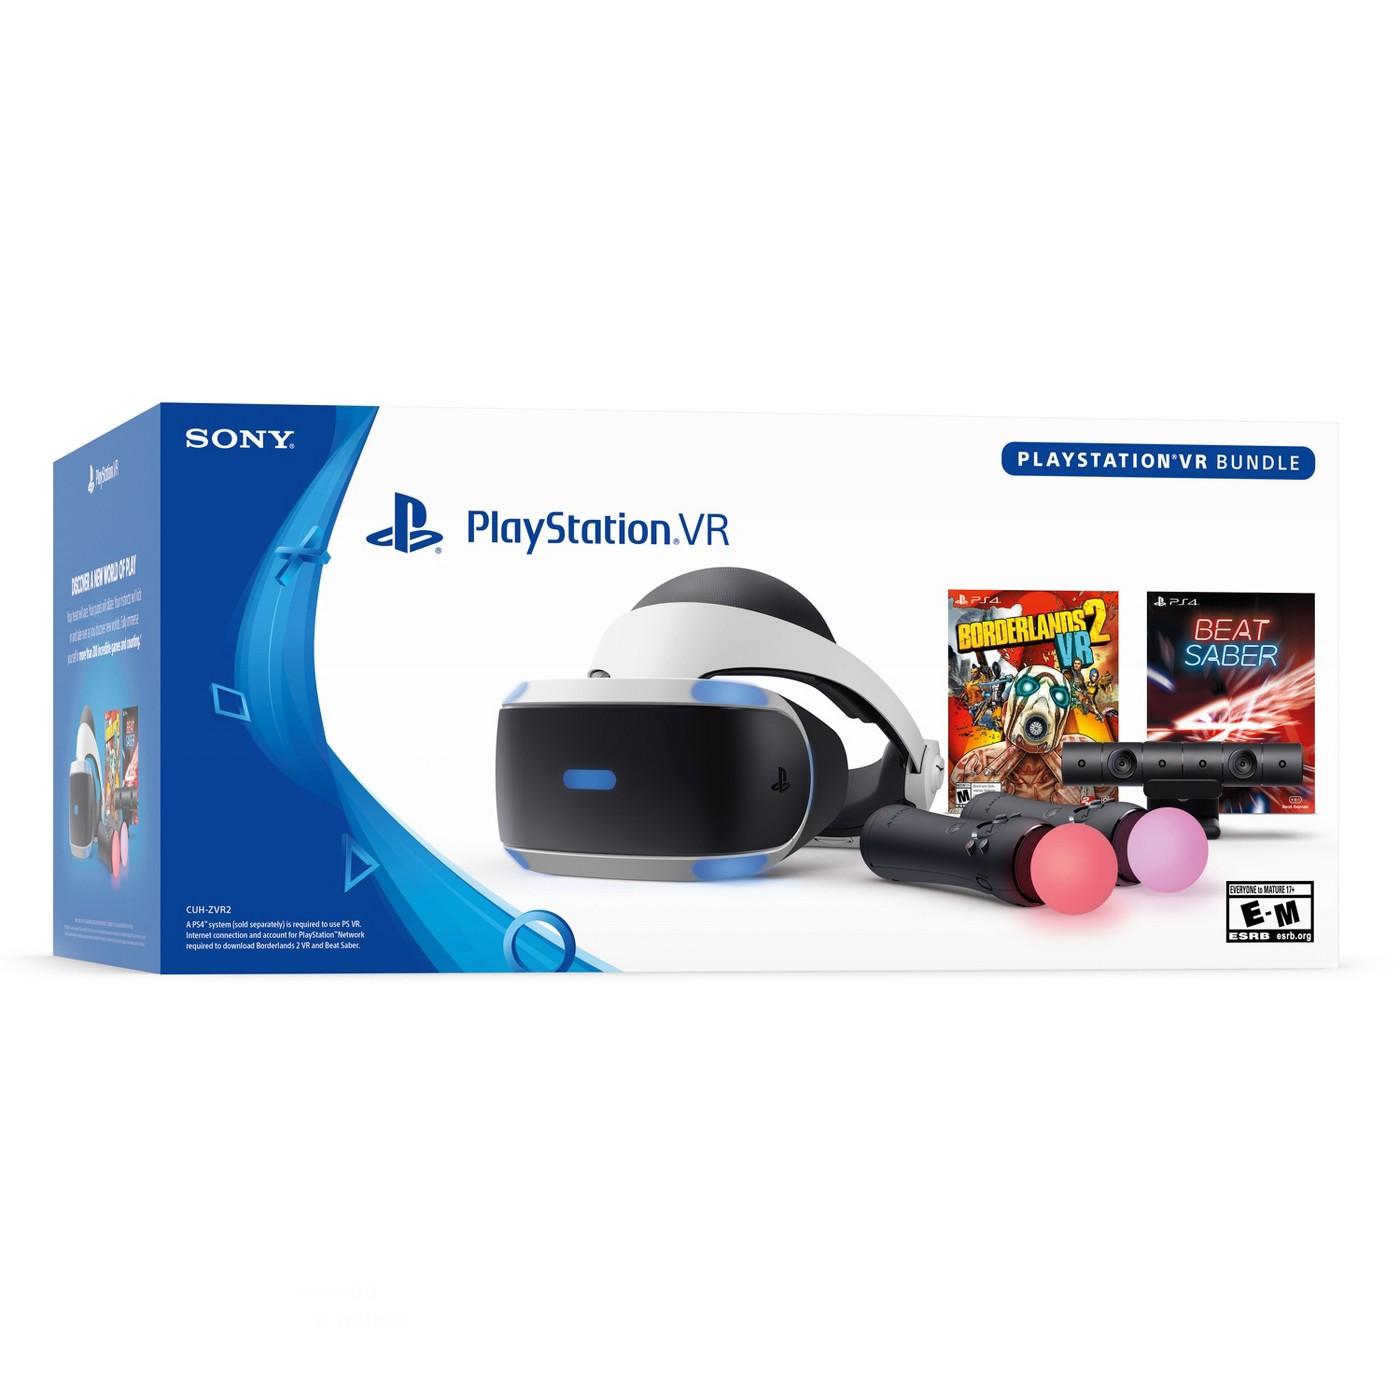 Playstation 4 VR - Borderlands/Beat Saber Bundle $249 99 - Target